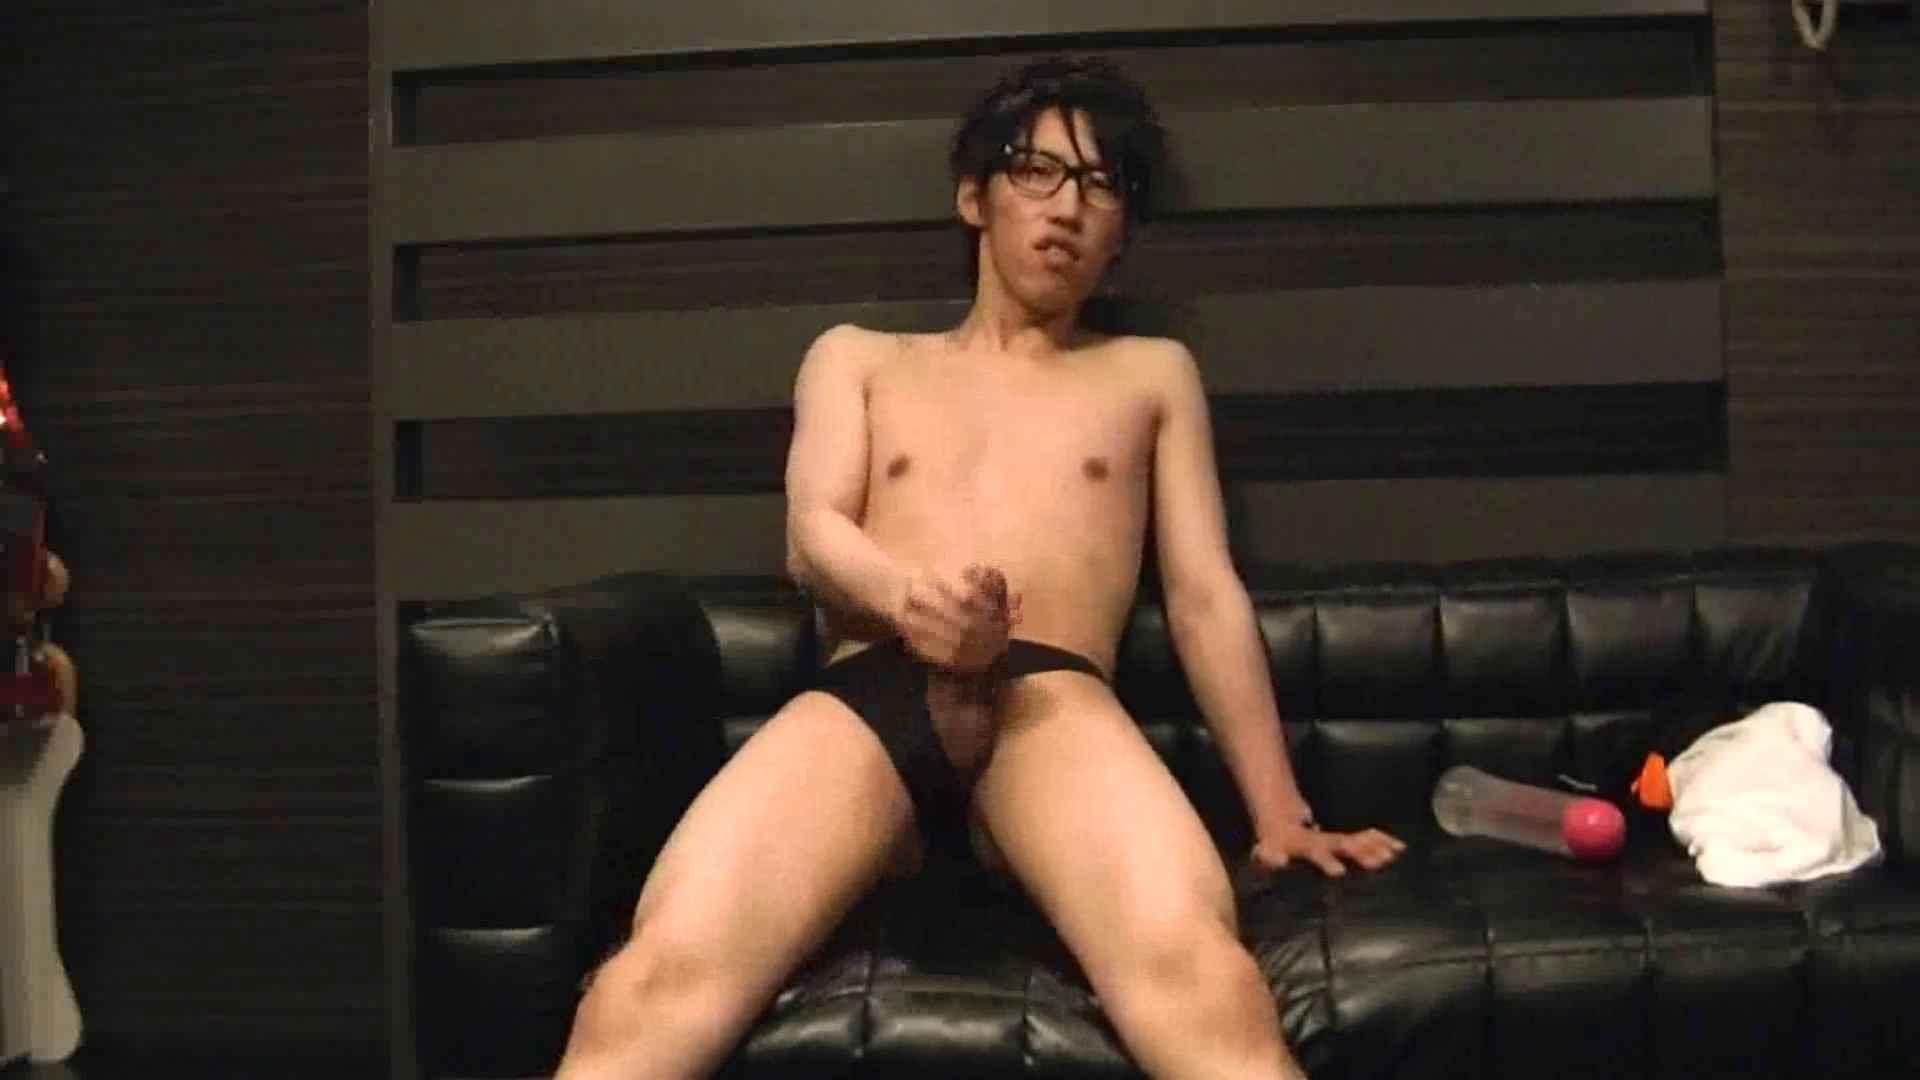 ONA見せカーニバル!! Vol3 ゲイのオナニー映像  103枚 98